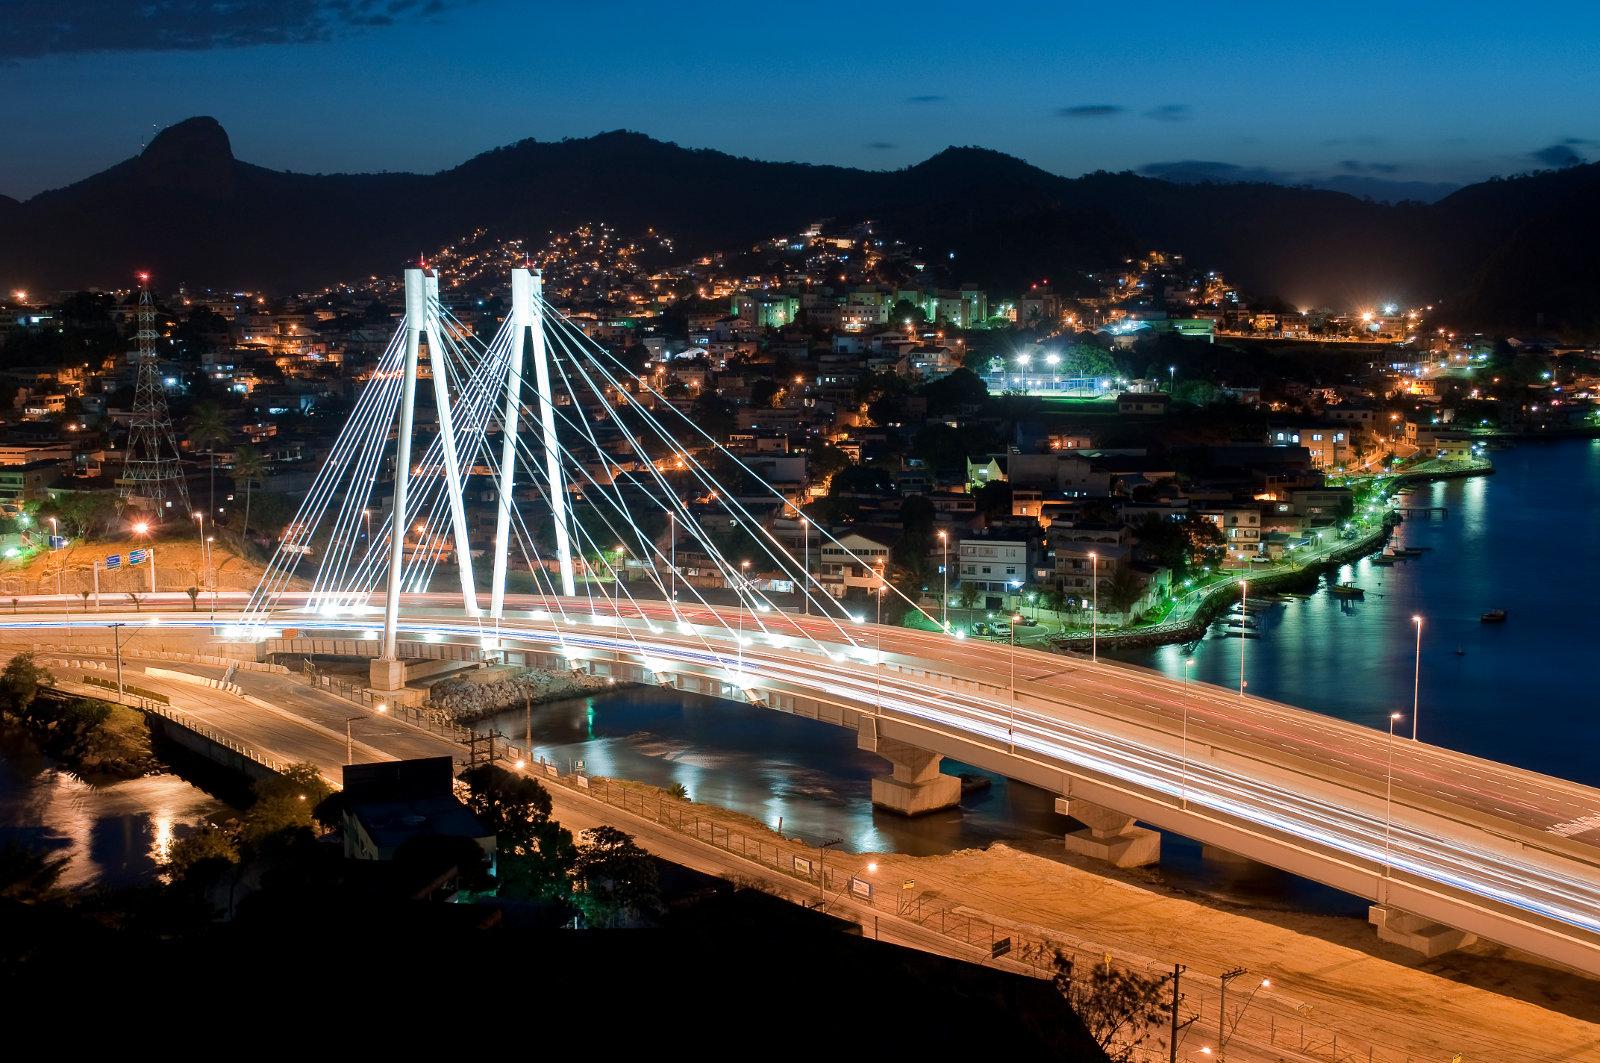 vitoria-nova-ponte-da-passagem-npp0026